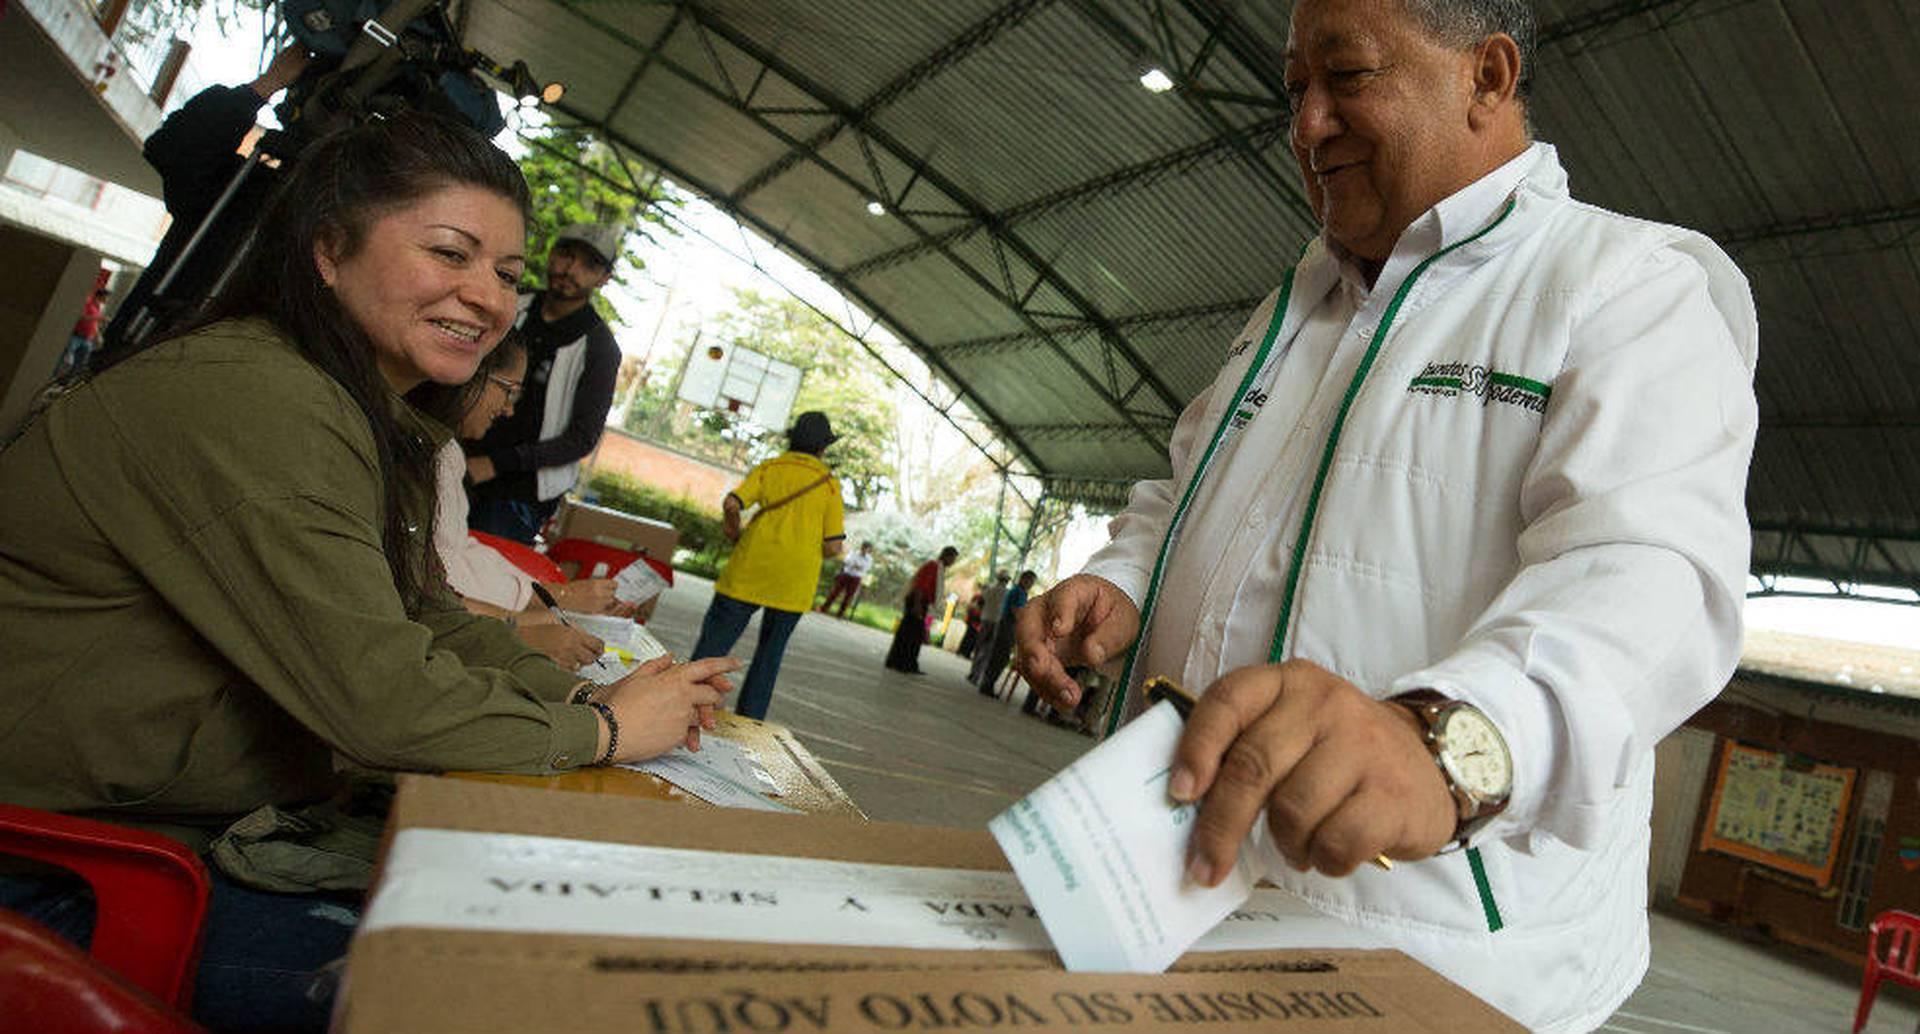 Para estas elecciones el presupuesto ascendió a unos $800.000 millones. (Foto: Daniel Reina, SEMANA)